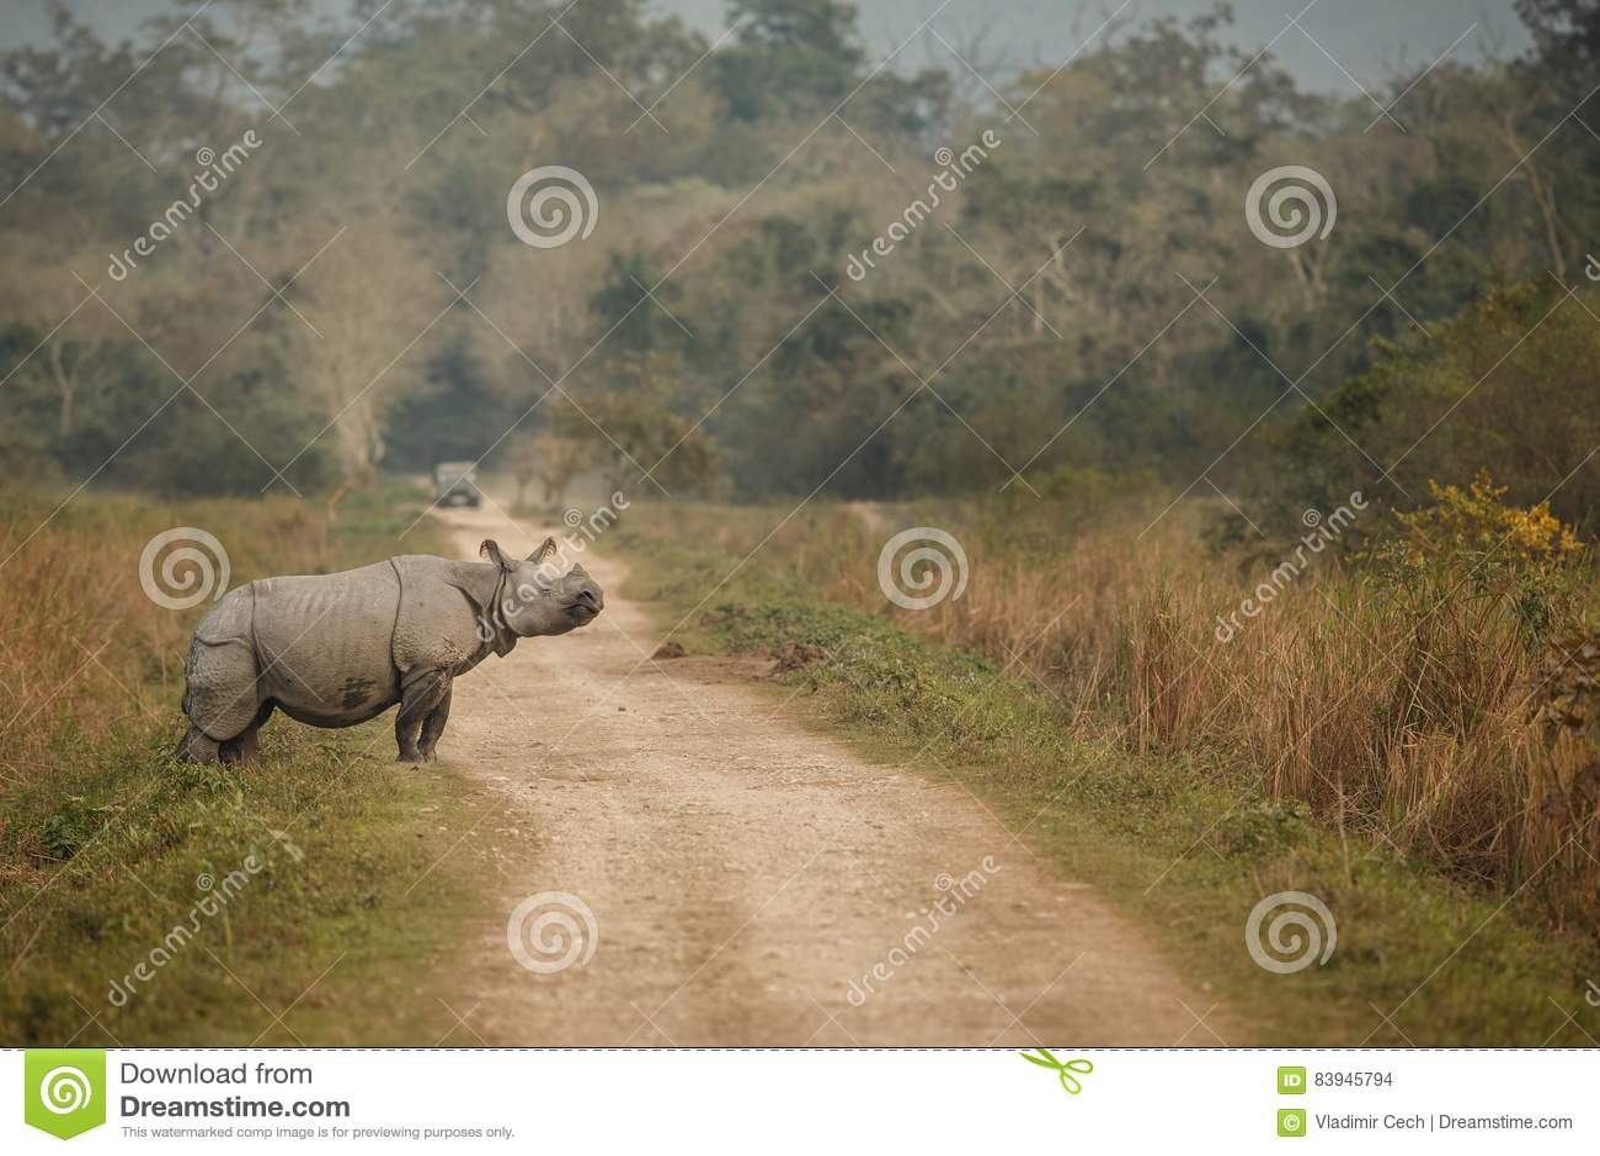 Rinoceronte indiano posto em perigo no habitat da natureza